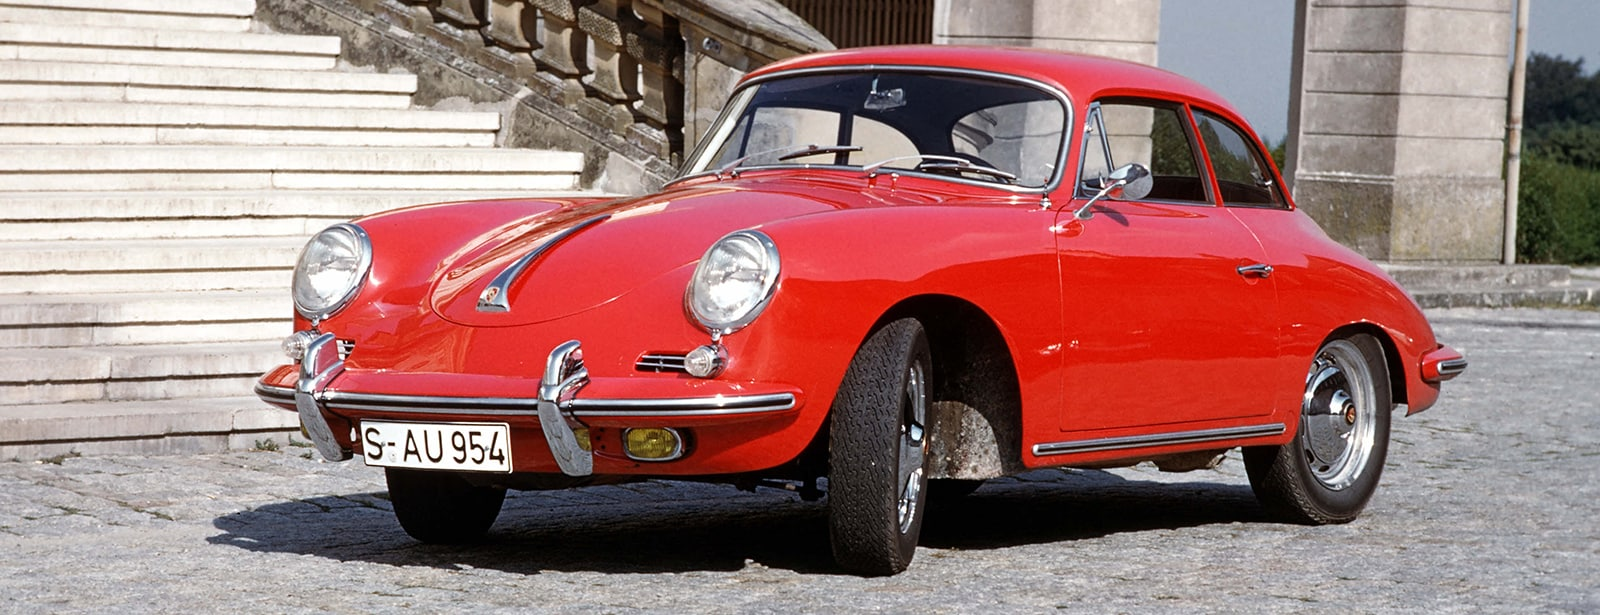 Red Porsche 356B